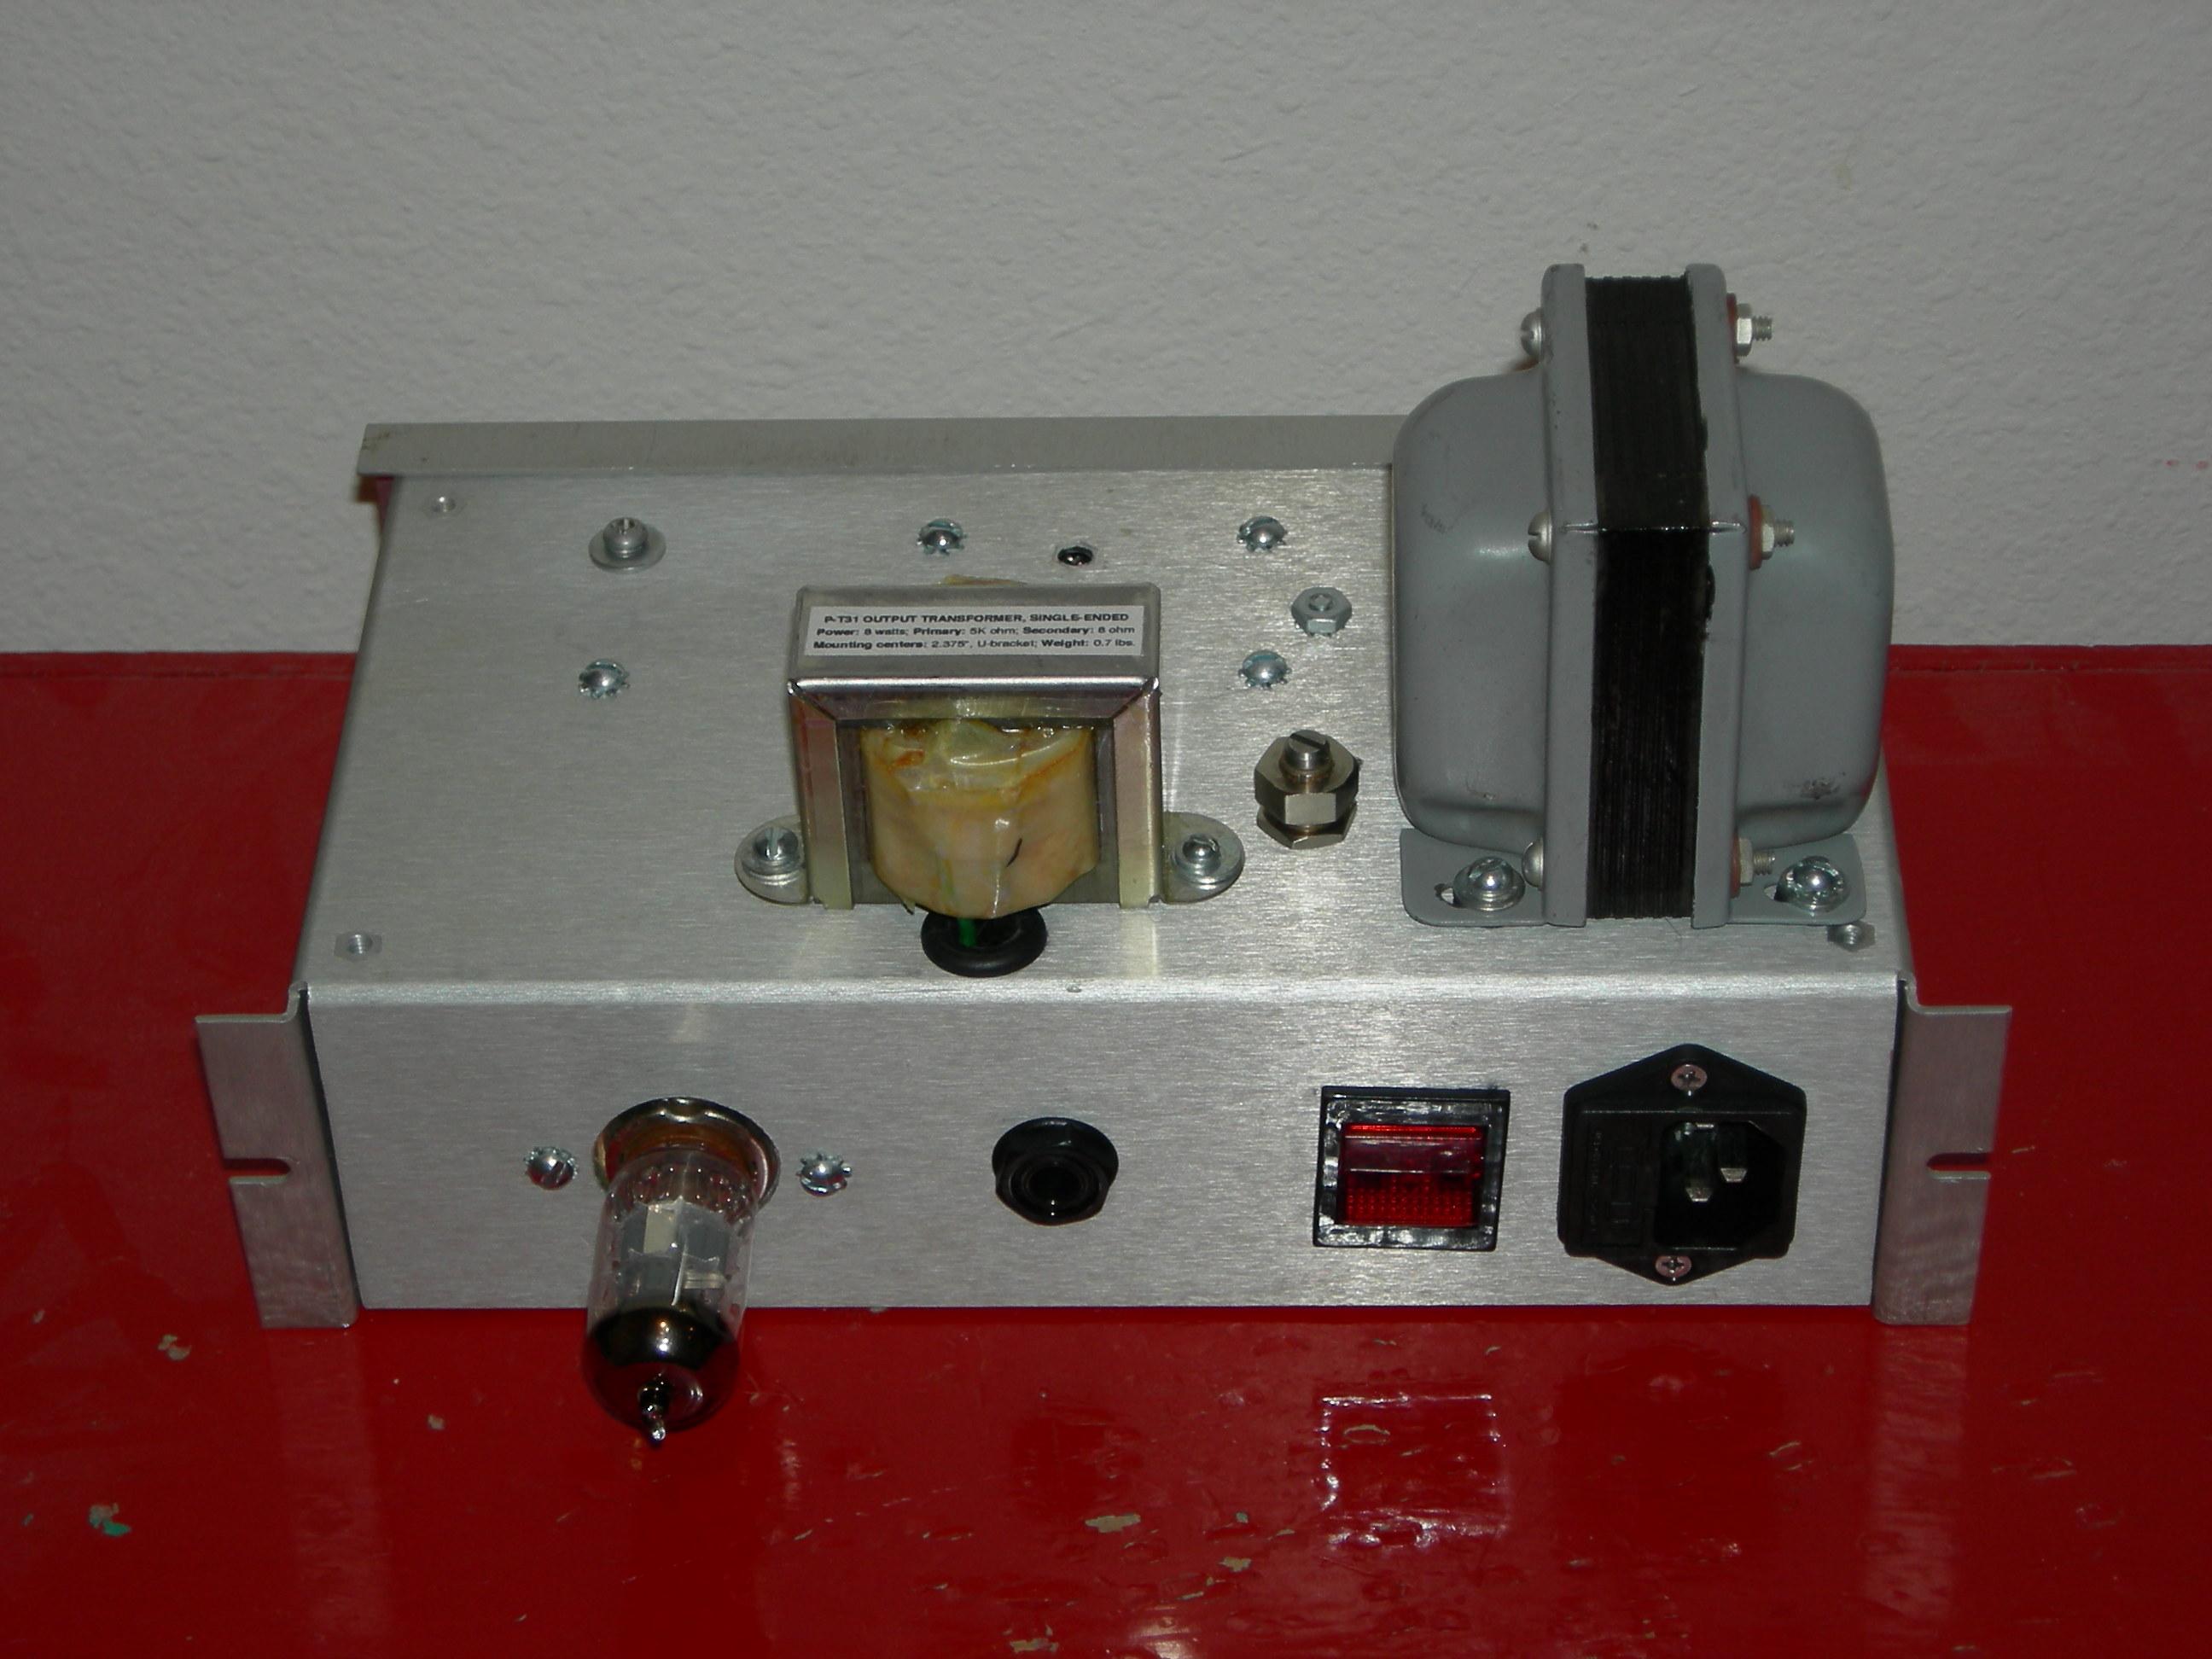 milliAmp test bed